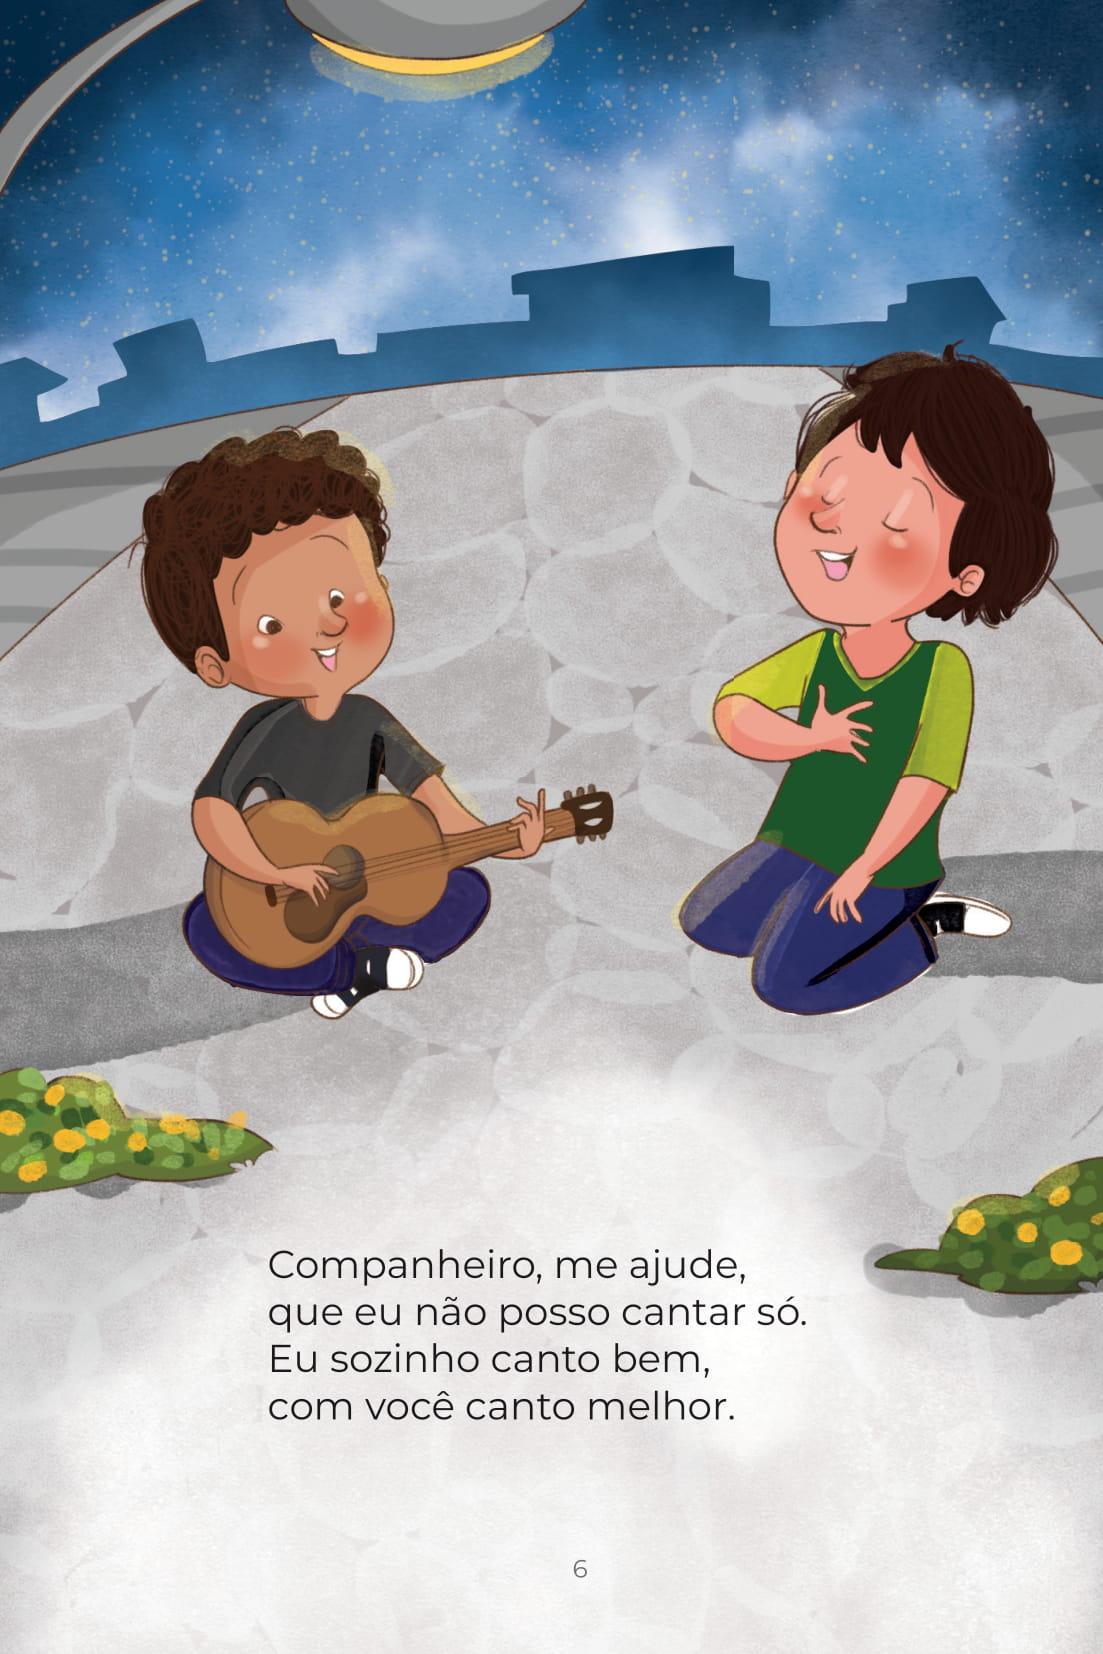 Companheiro, me ajude, que eu não posso cantar só. Eu sozinho canto bem, com você canto melhor.